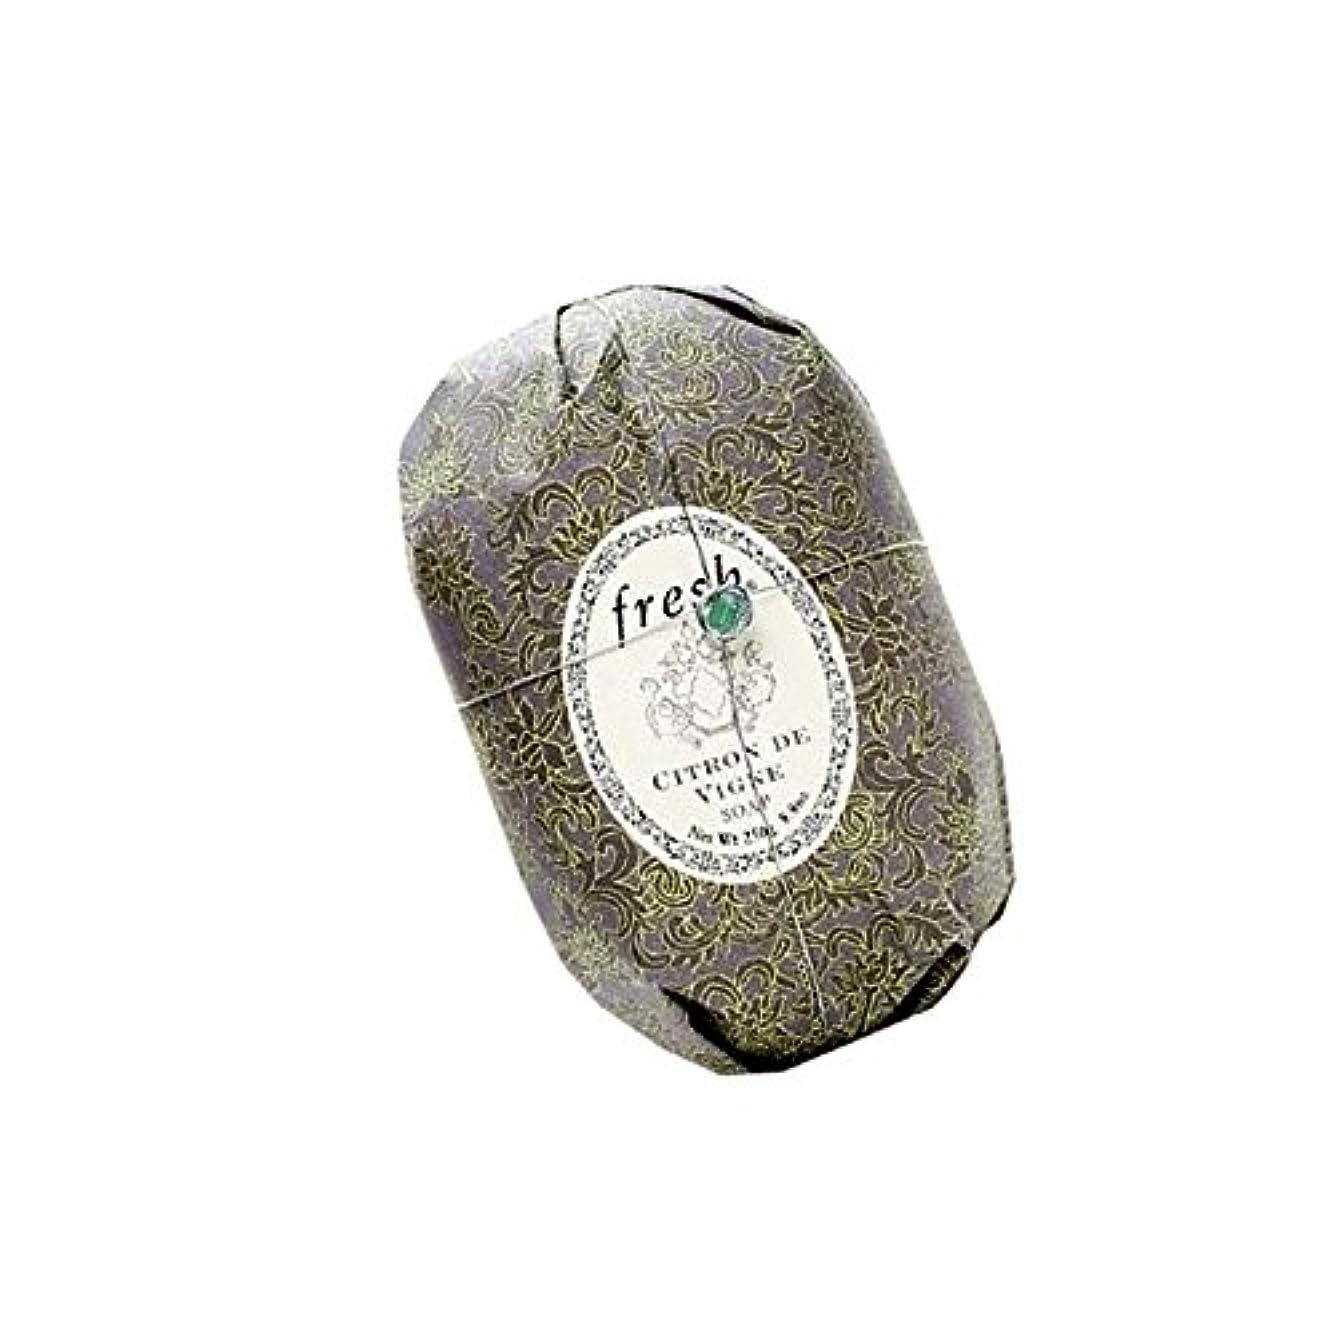 実施するきらめききらめきFresh フレッシュ Citron de Vigne Soap 石鹸, 250g/8.8oz. [海外直送品] [並行輸入品]